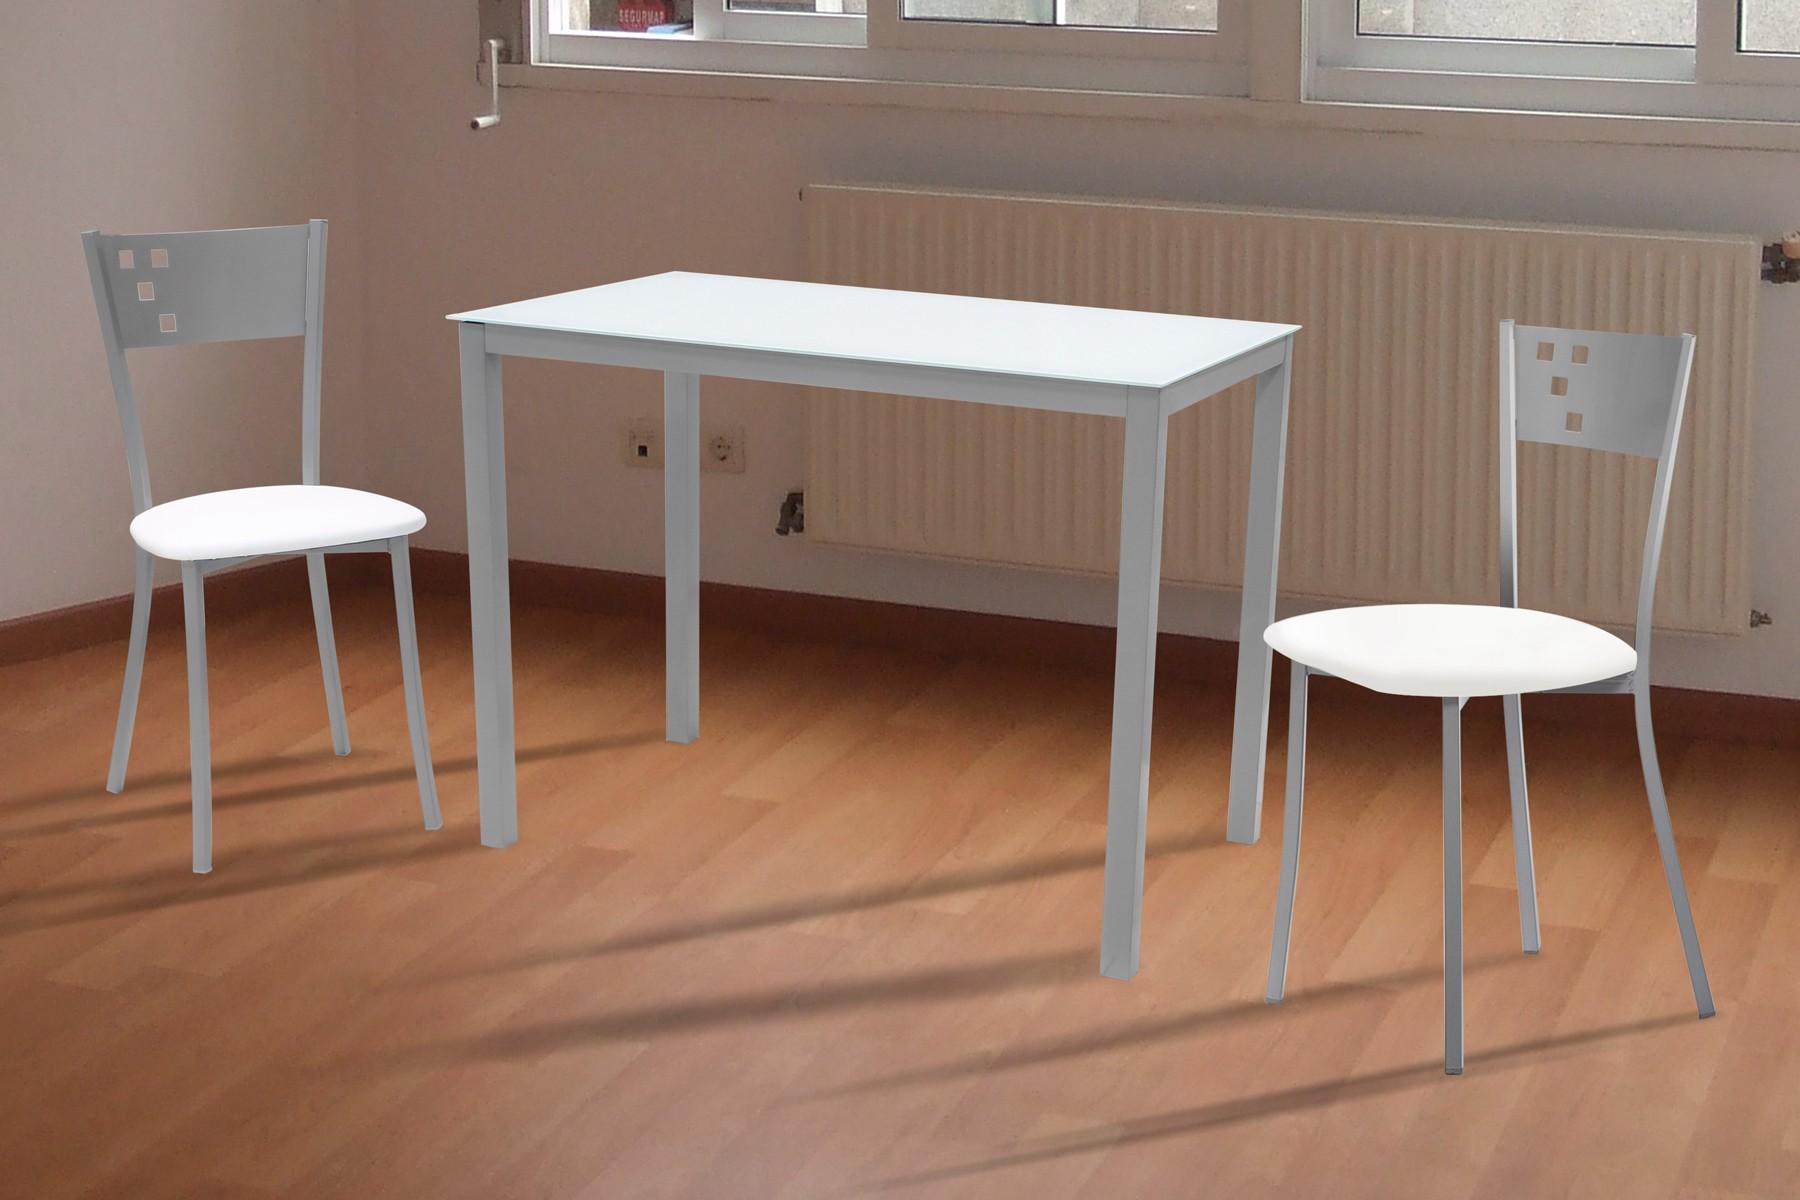 Cocina barata conjunto de mesa y sillas de cocina barato for Conjuntos mesas y sillas de cocina baratas